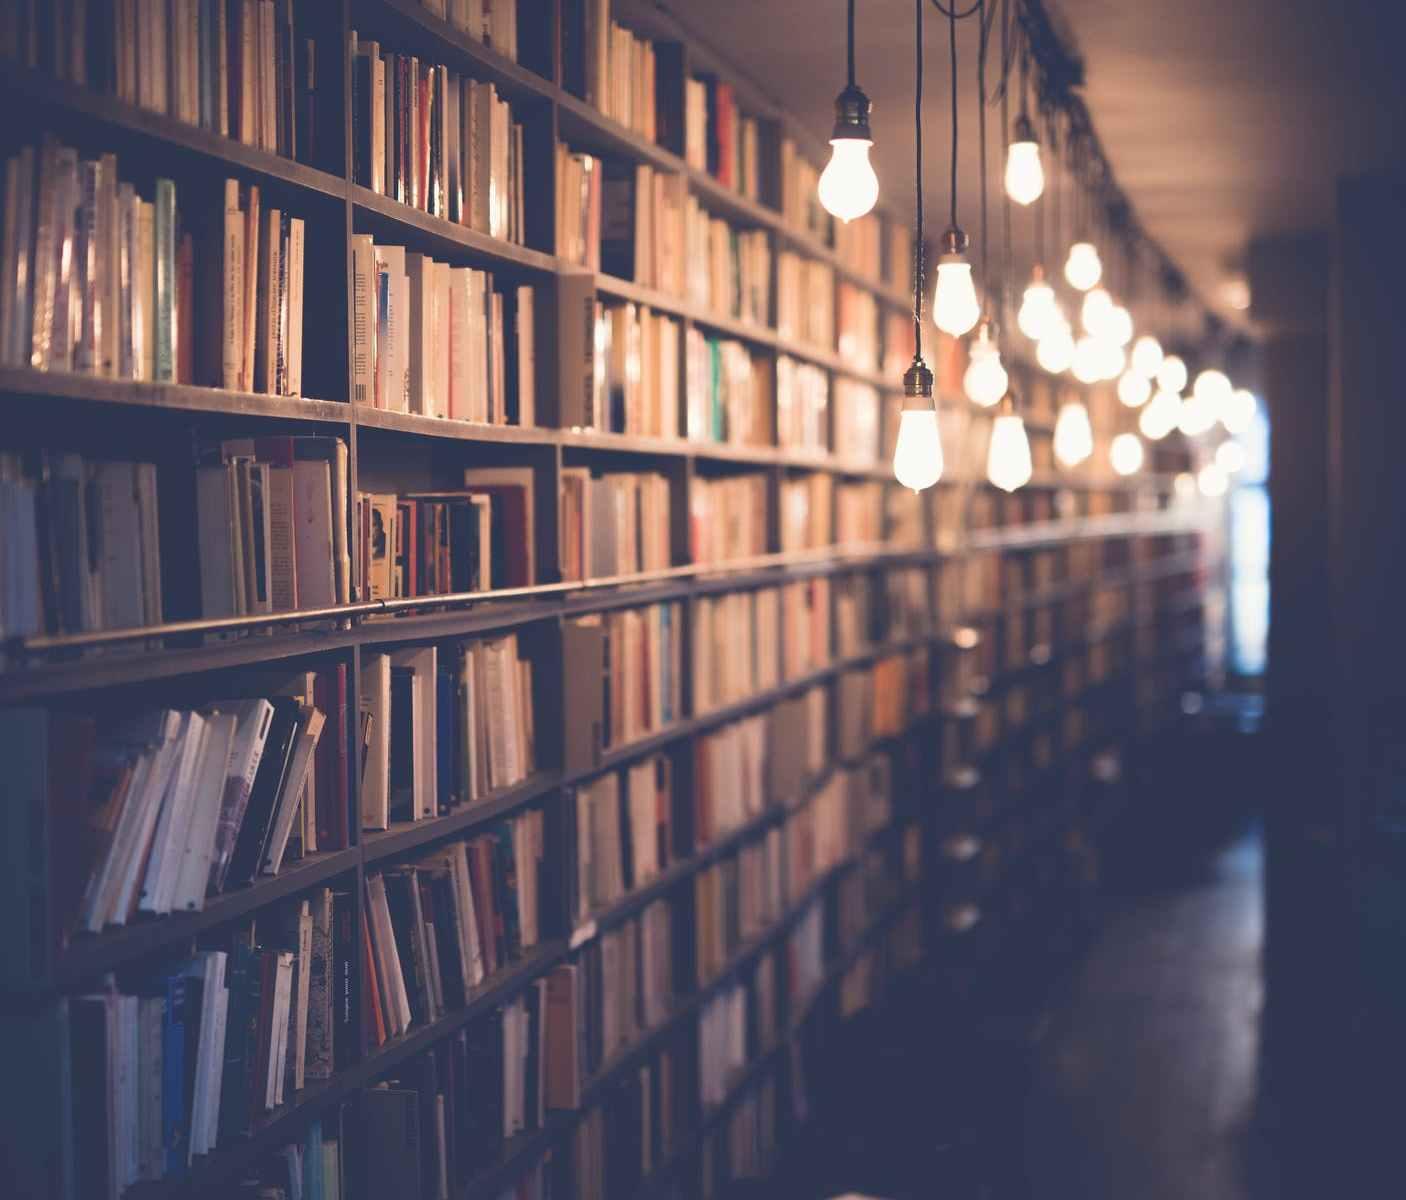 libri-scaffale-books-lampadine